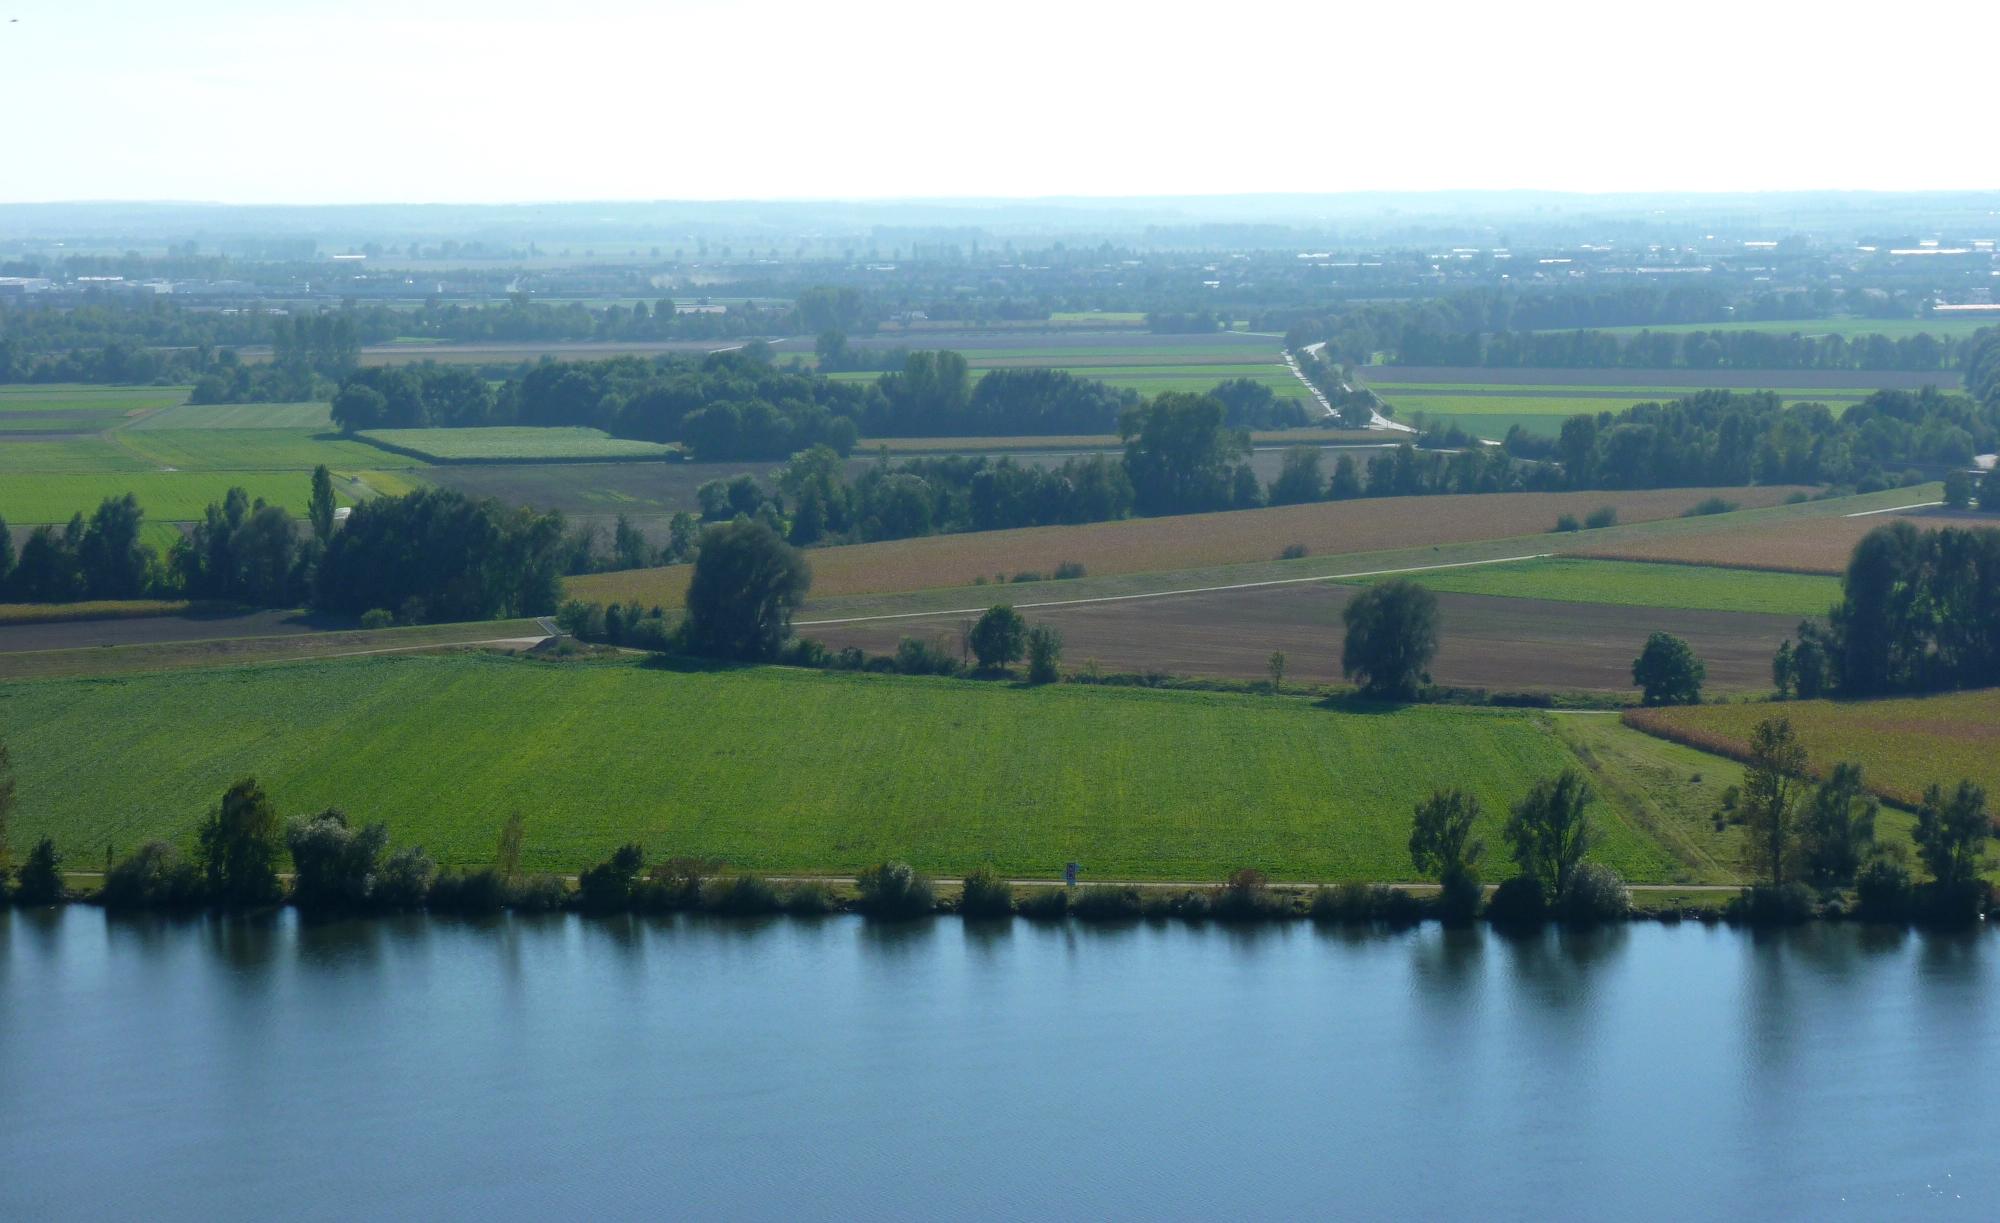 Foto: Foto der Woche #066: Landwirtschaftliche Nutzflächen an einem natürlichen, linienhaft fließenden Gew